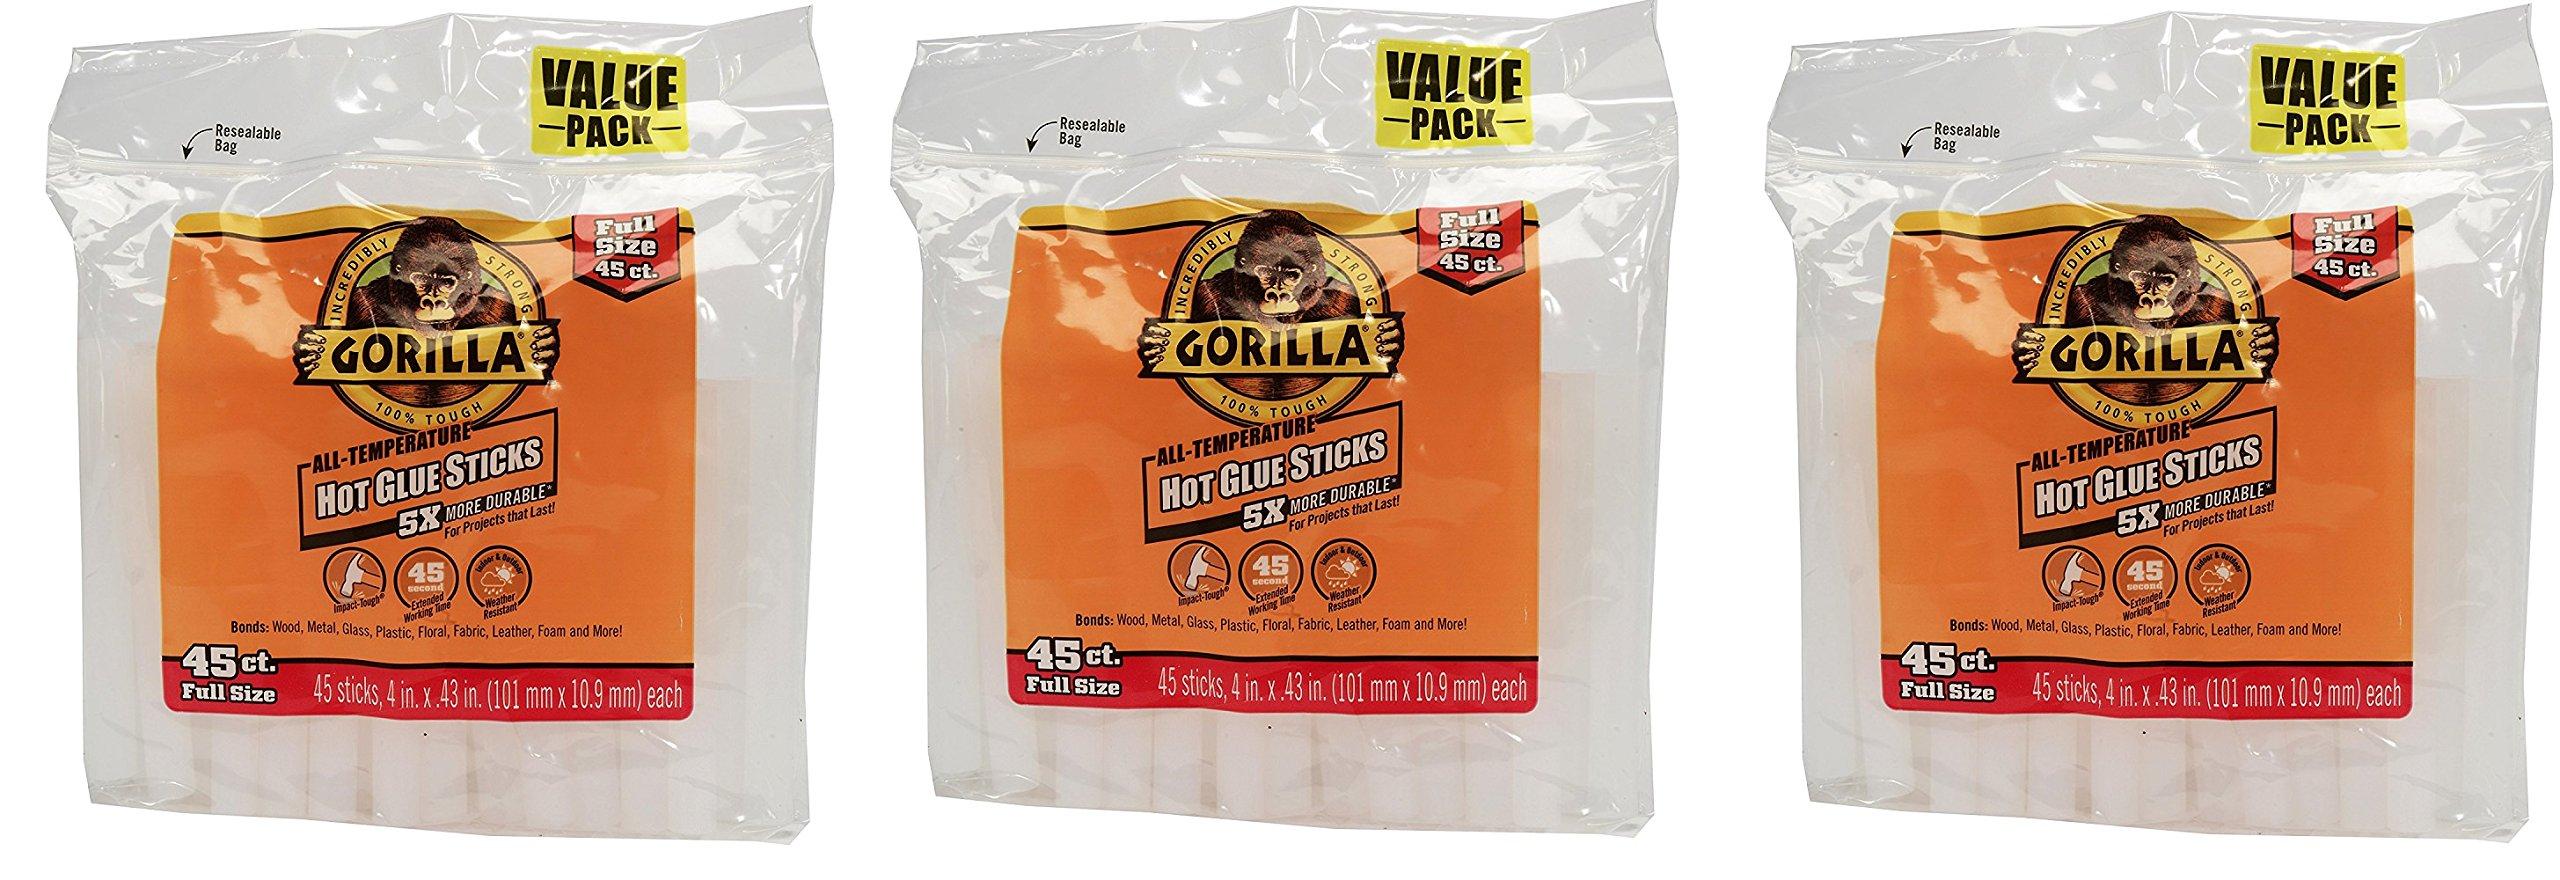 Gorilla, Hot Glue Sticks 4 In., Full Size, 135 Count